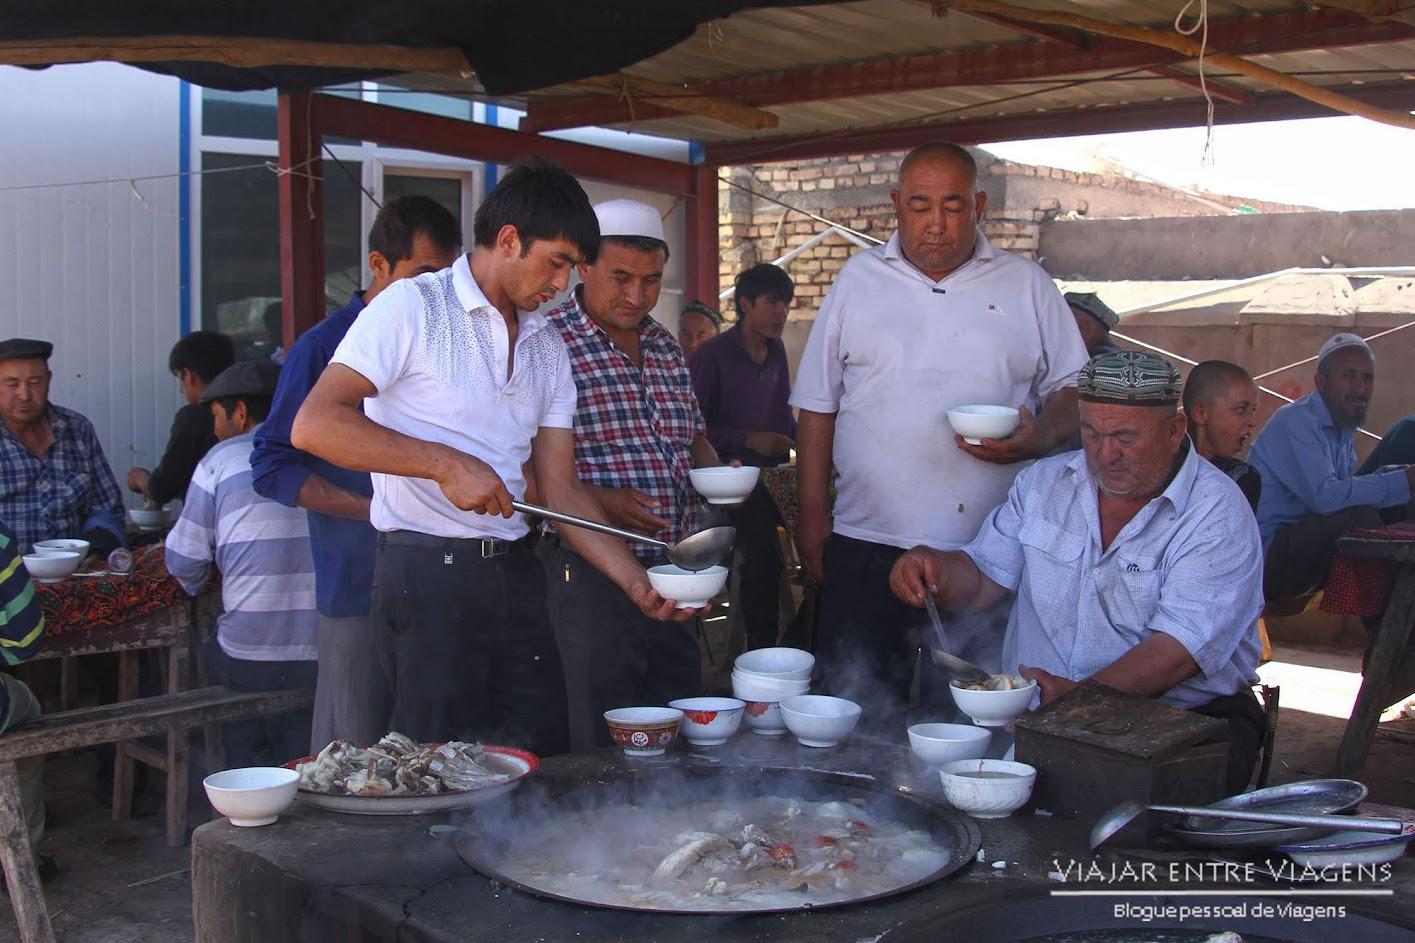 Visitar KASHGAR e conhecer incrível mercado de Gado de Xinjiang | China